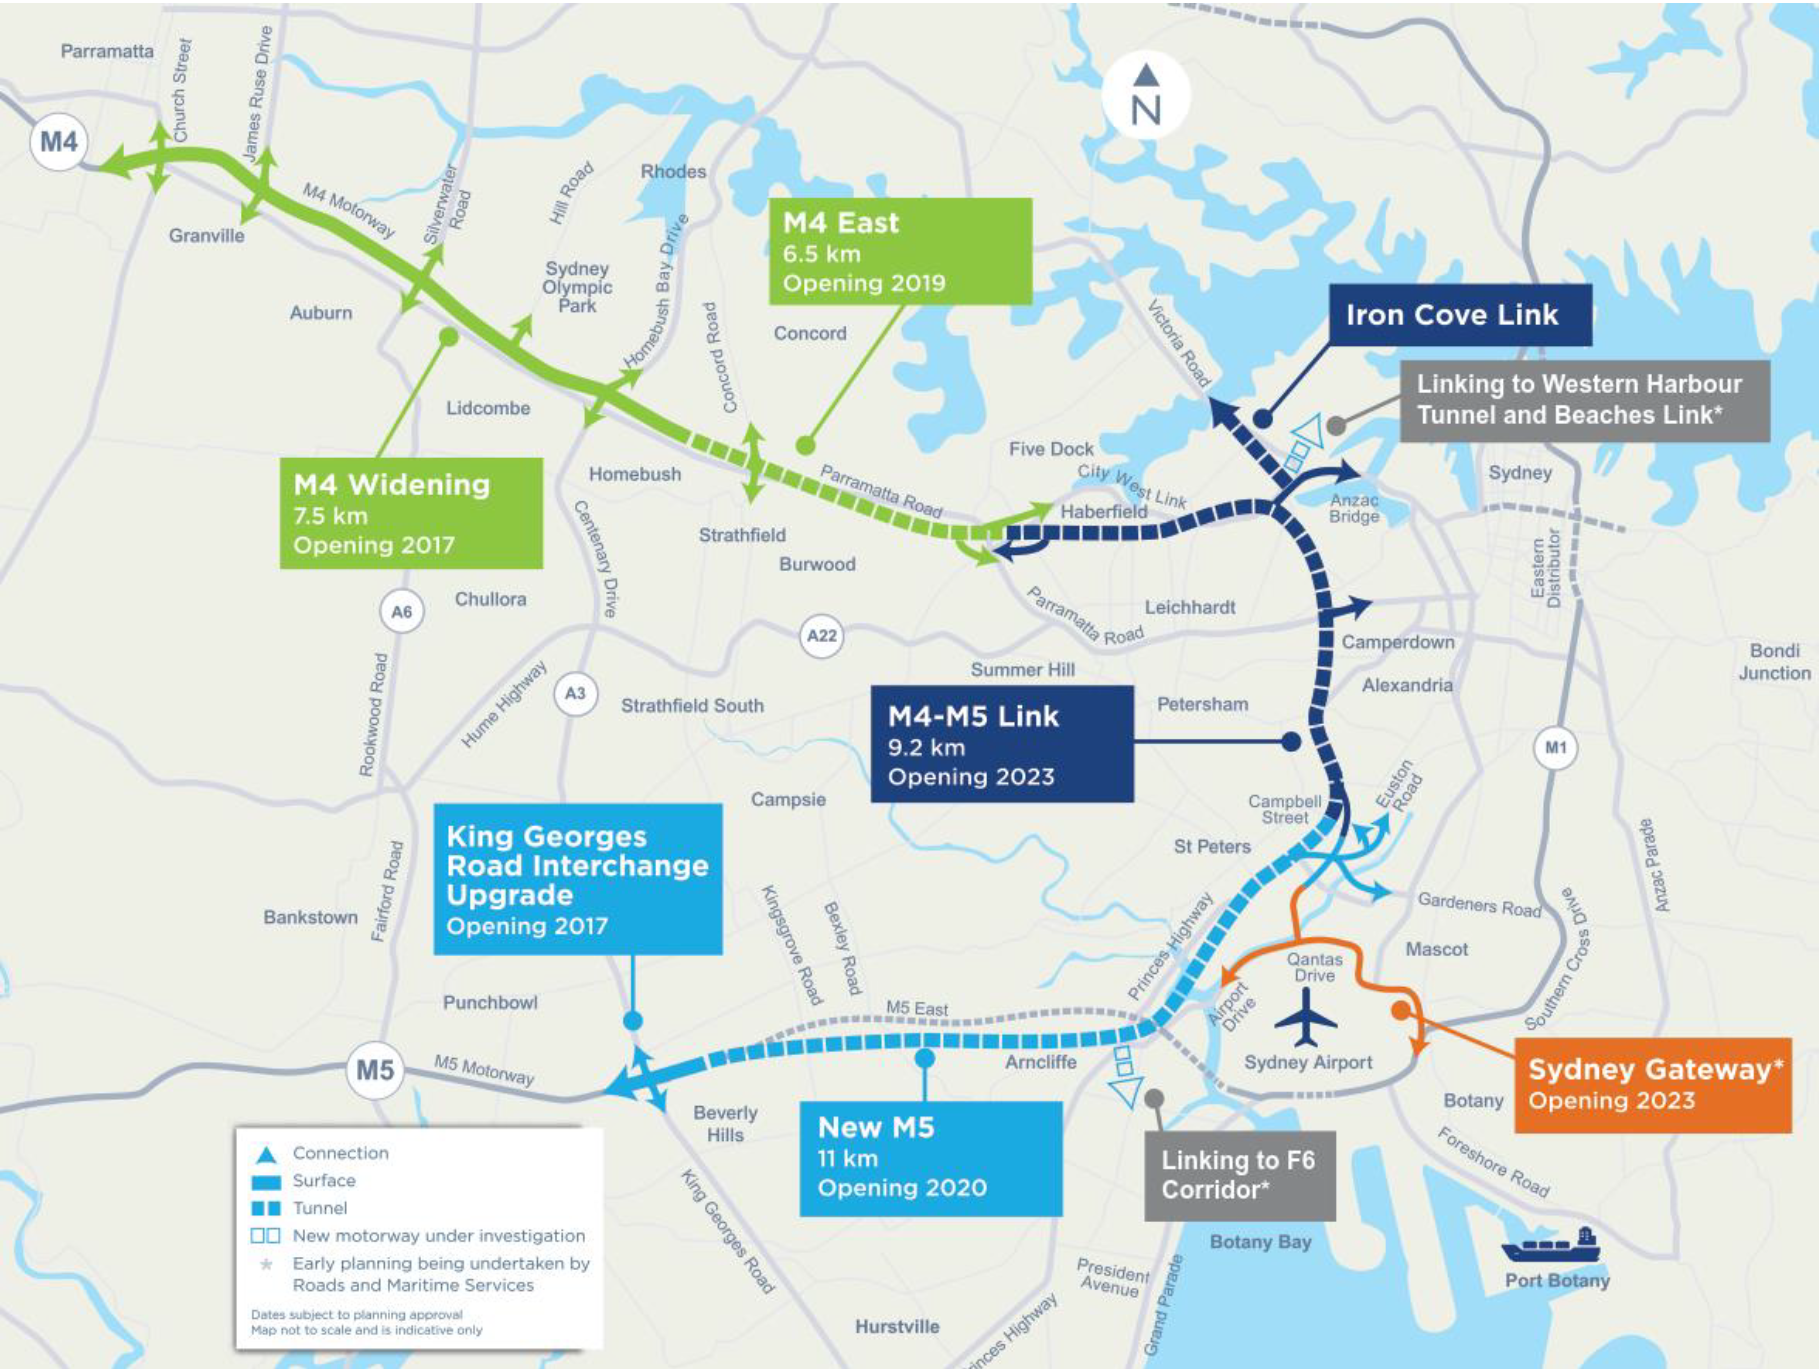 WestConnex 3B – M4-M5 Link Rozelle Interchange